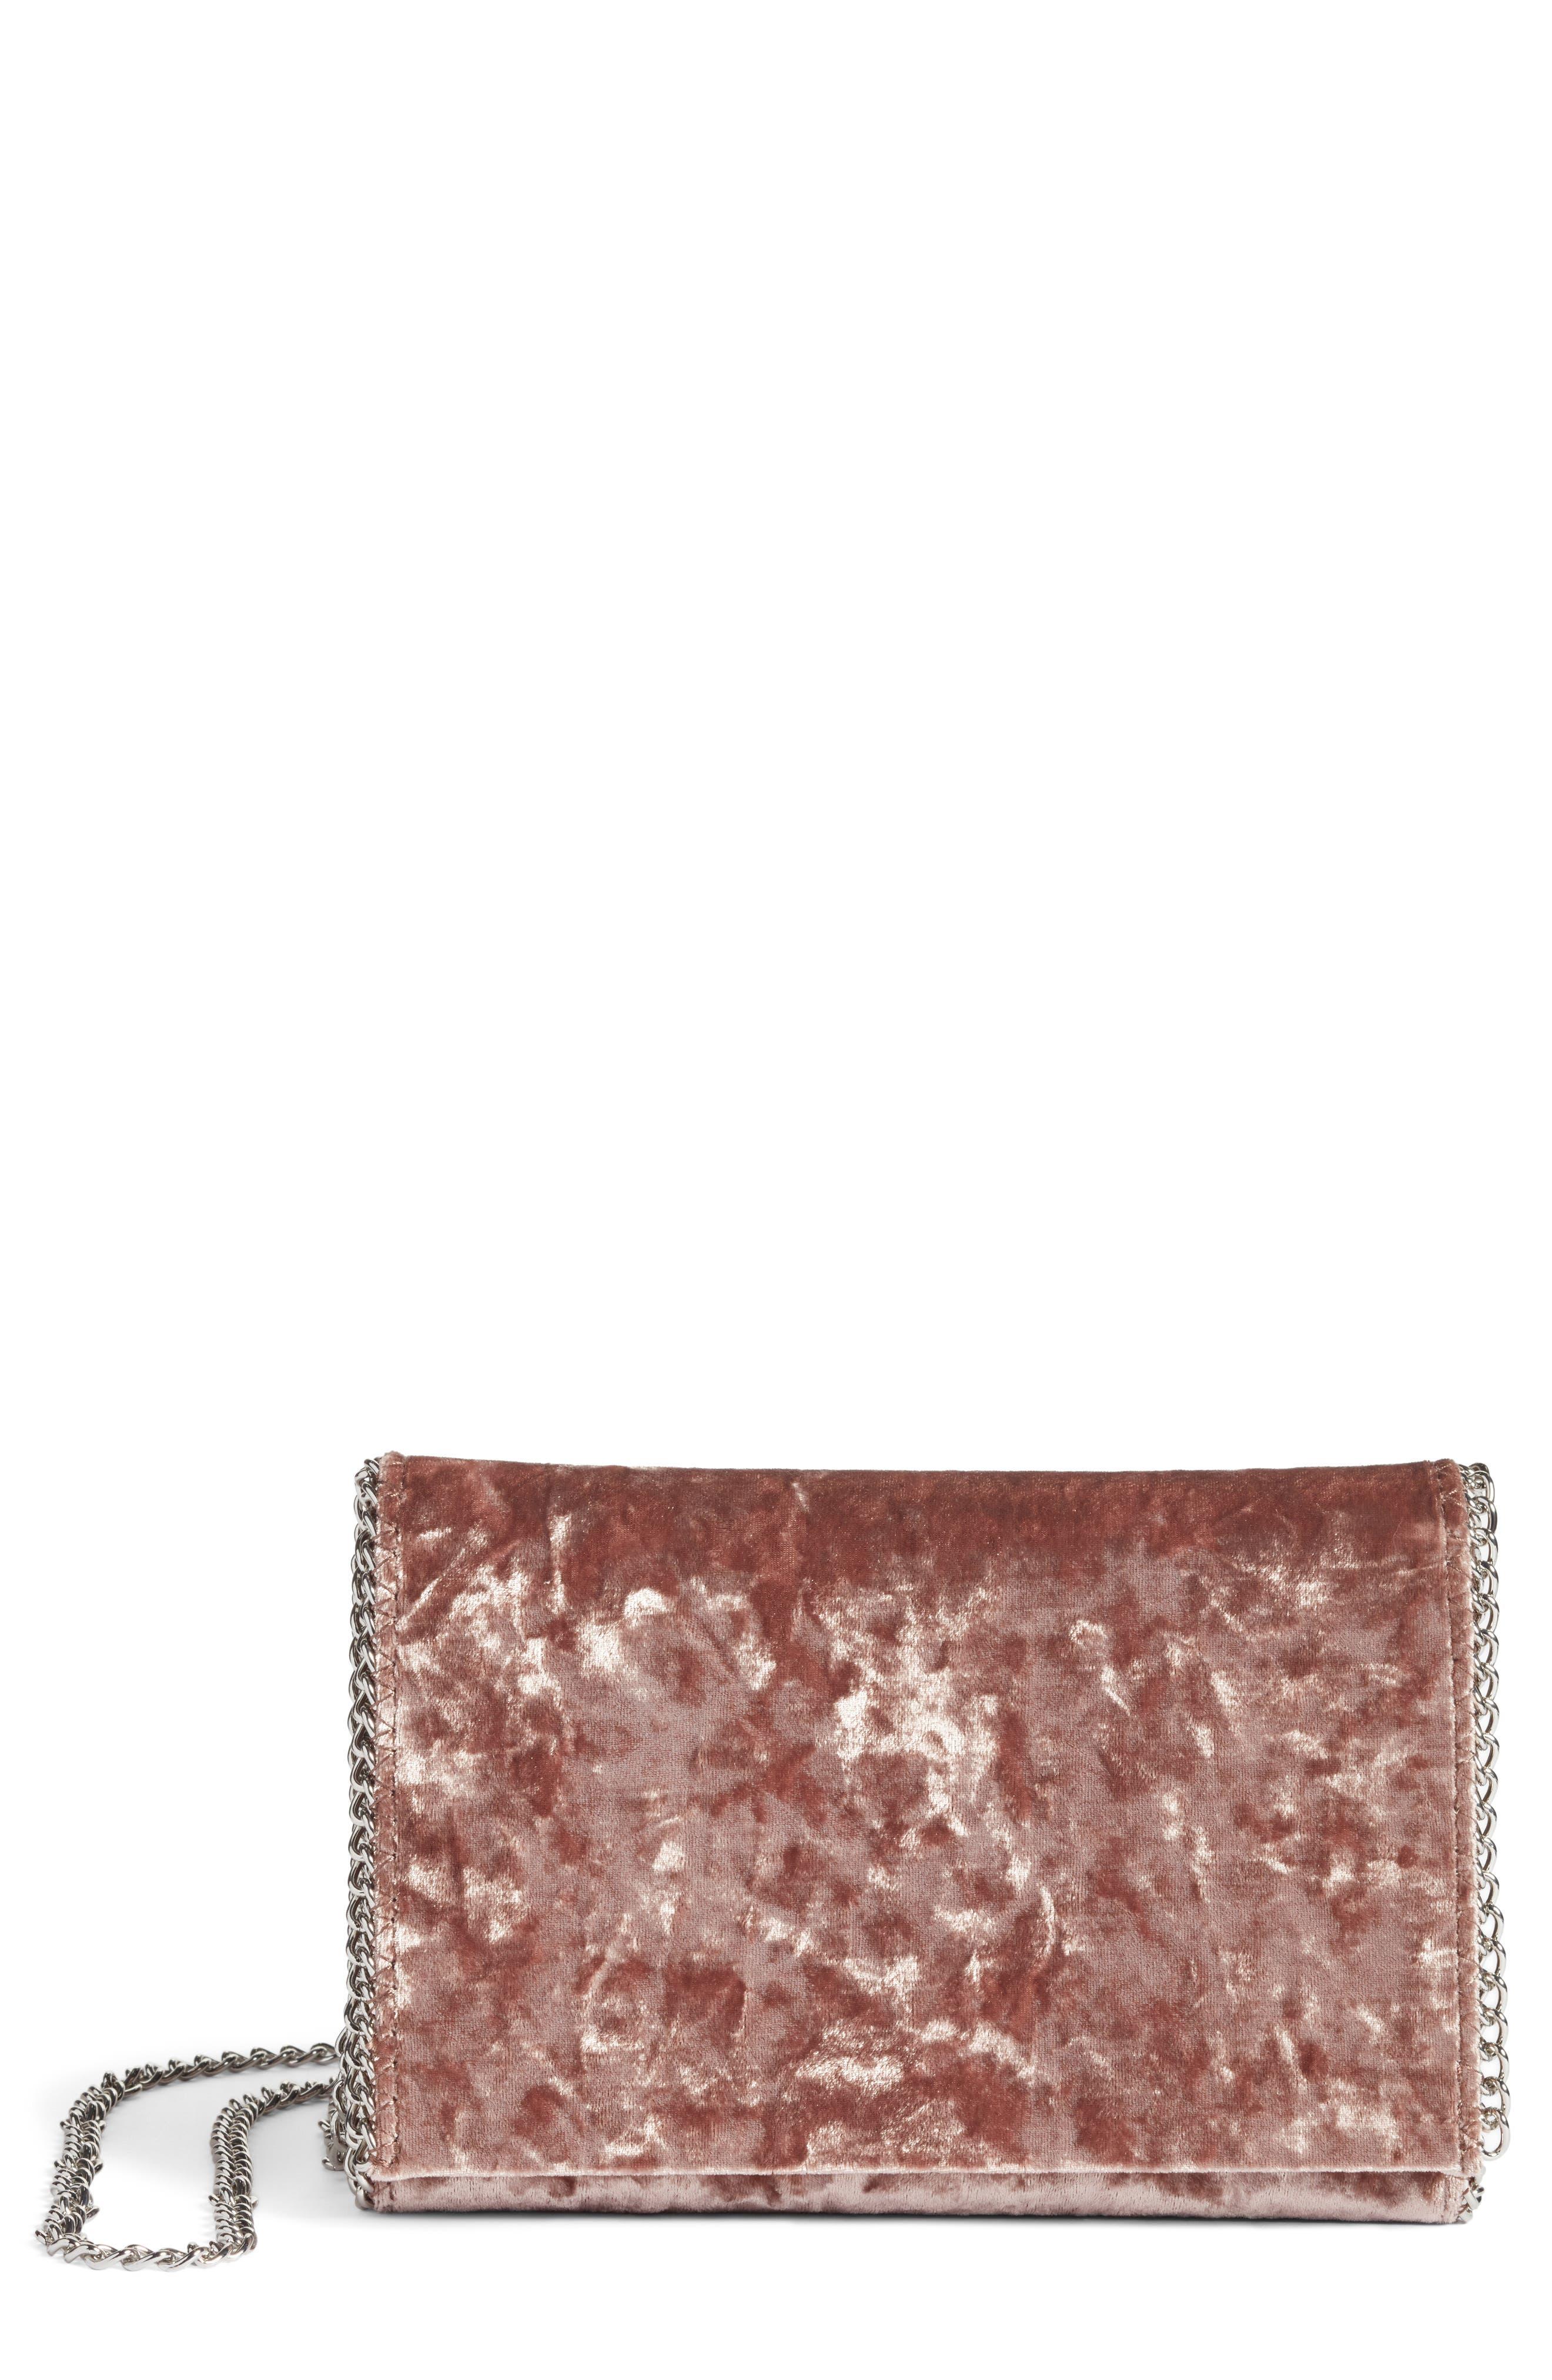 Main Image - Chelsea28 Velvet & Chain Clutch